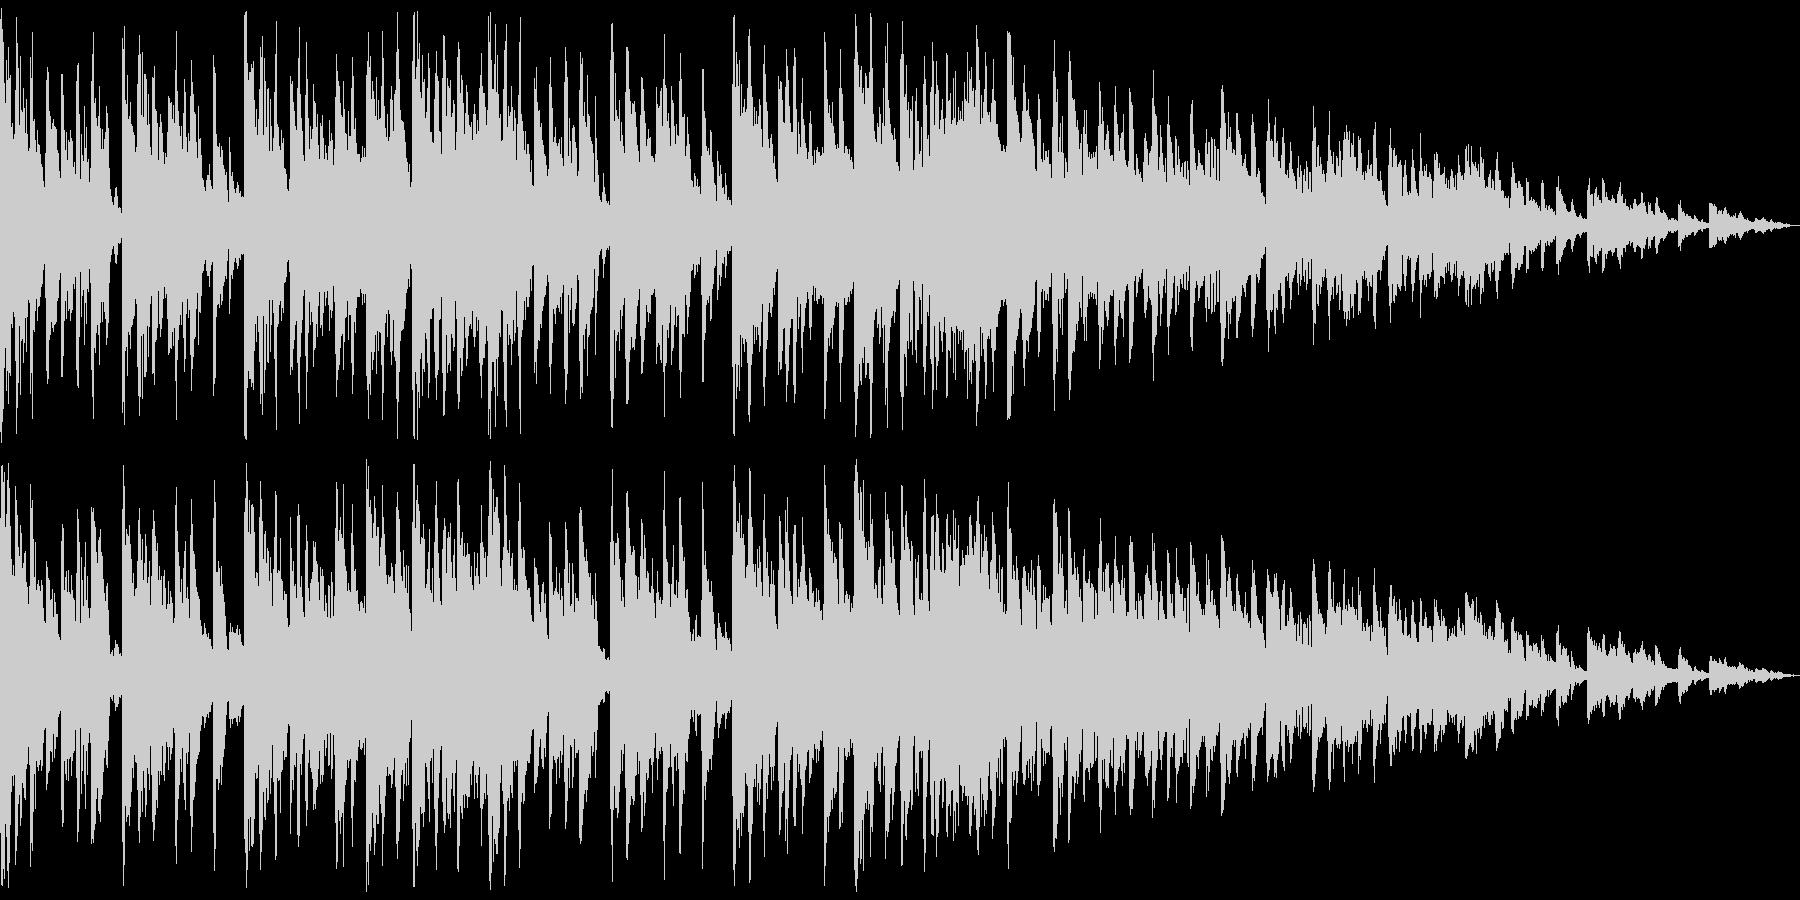 デジタルと生楽器を融合した日常的な曲の未再生の波形